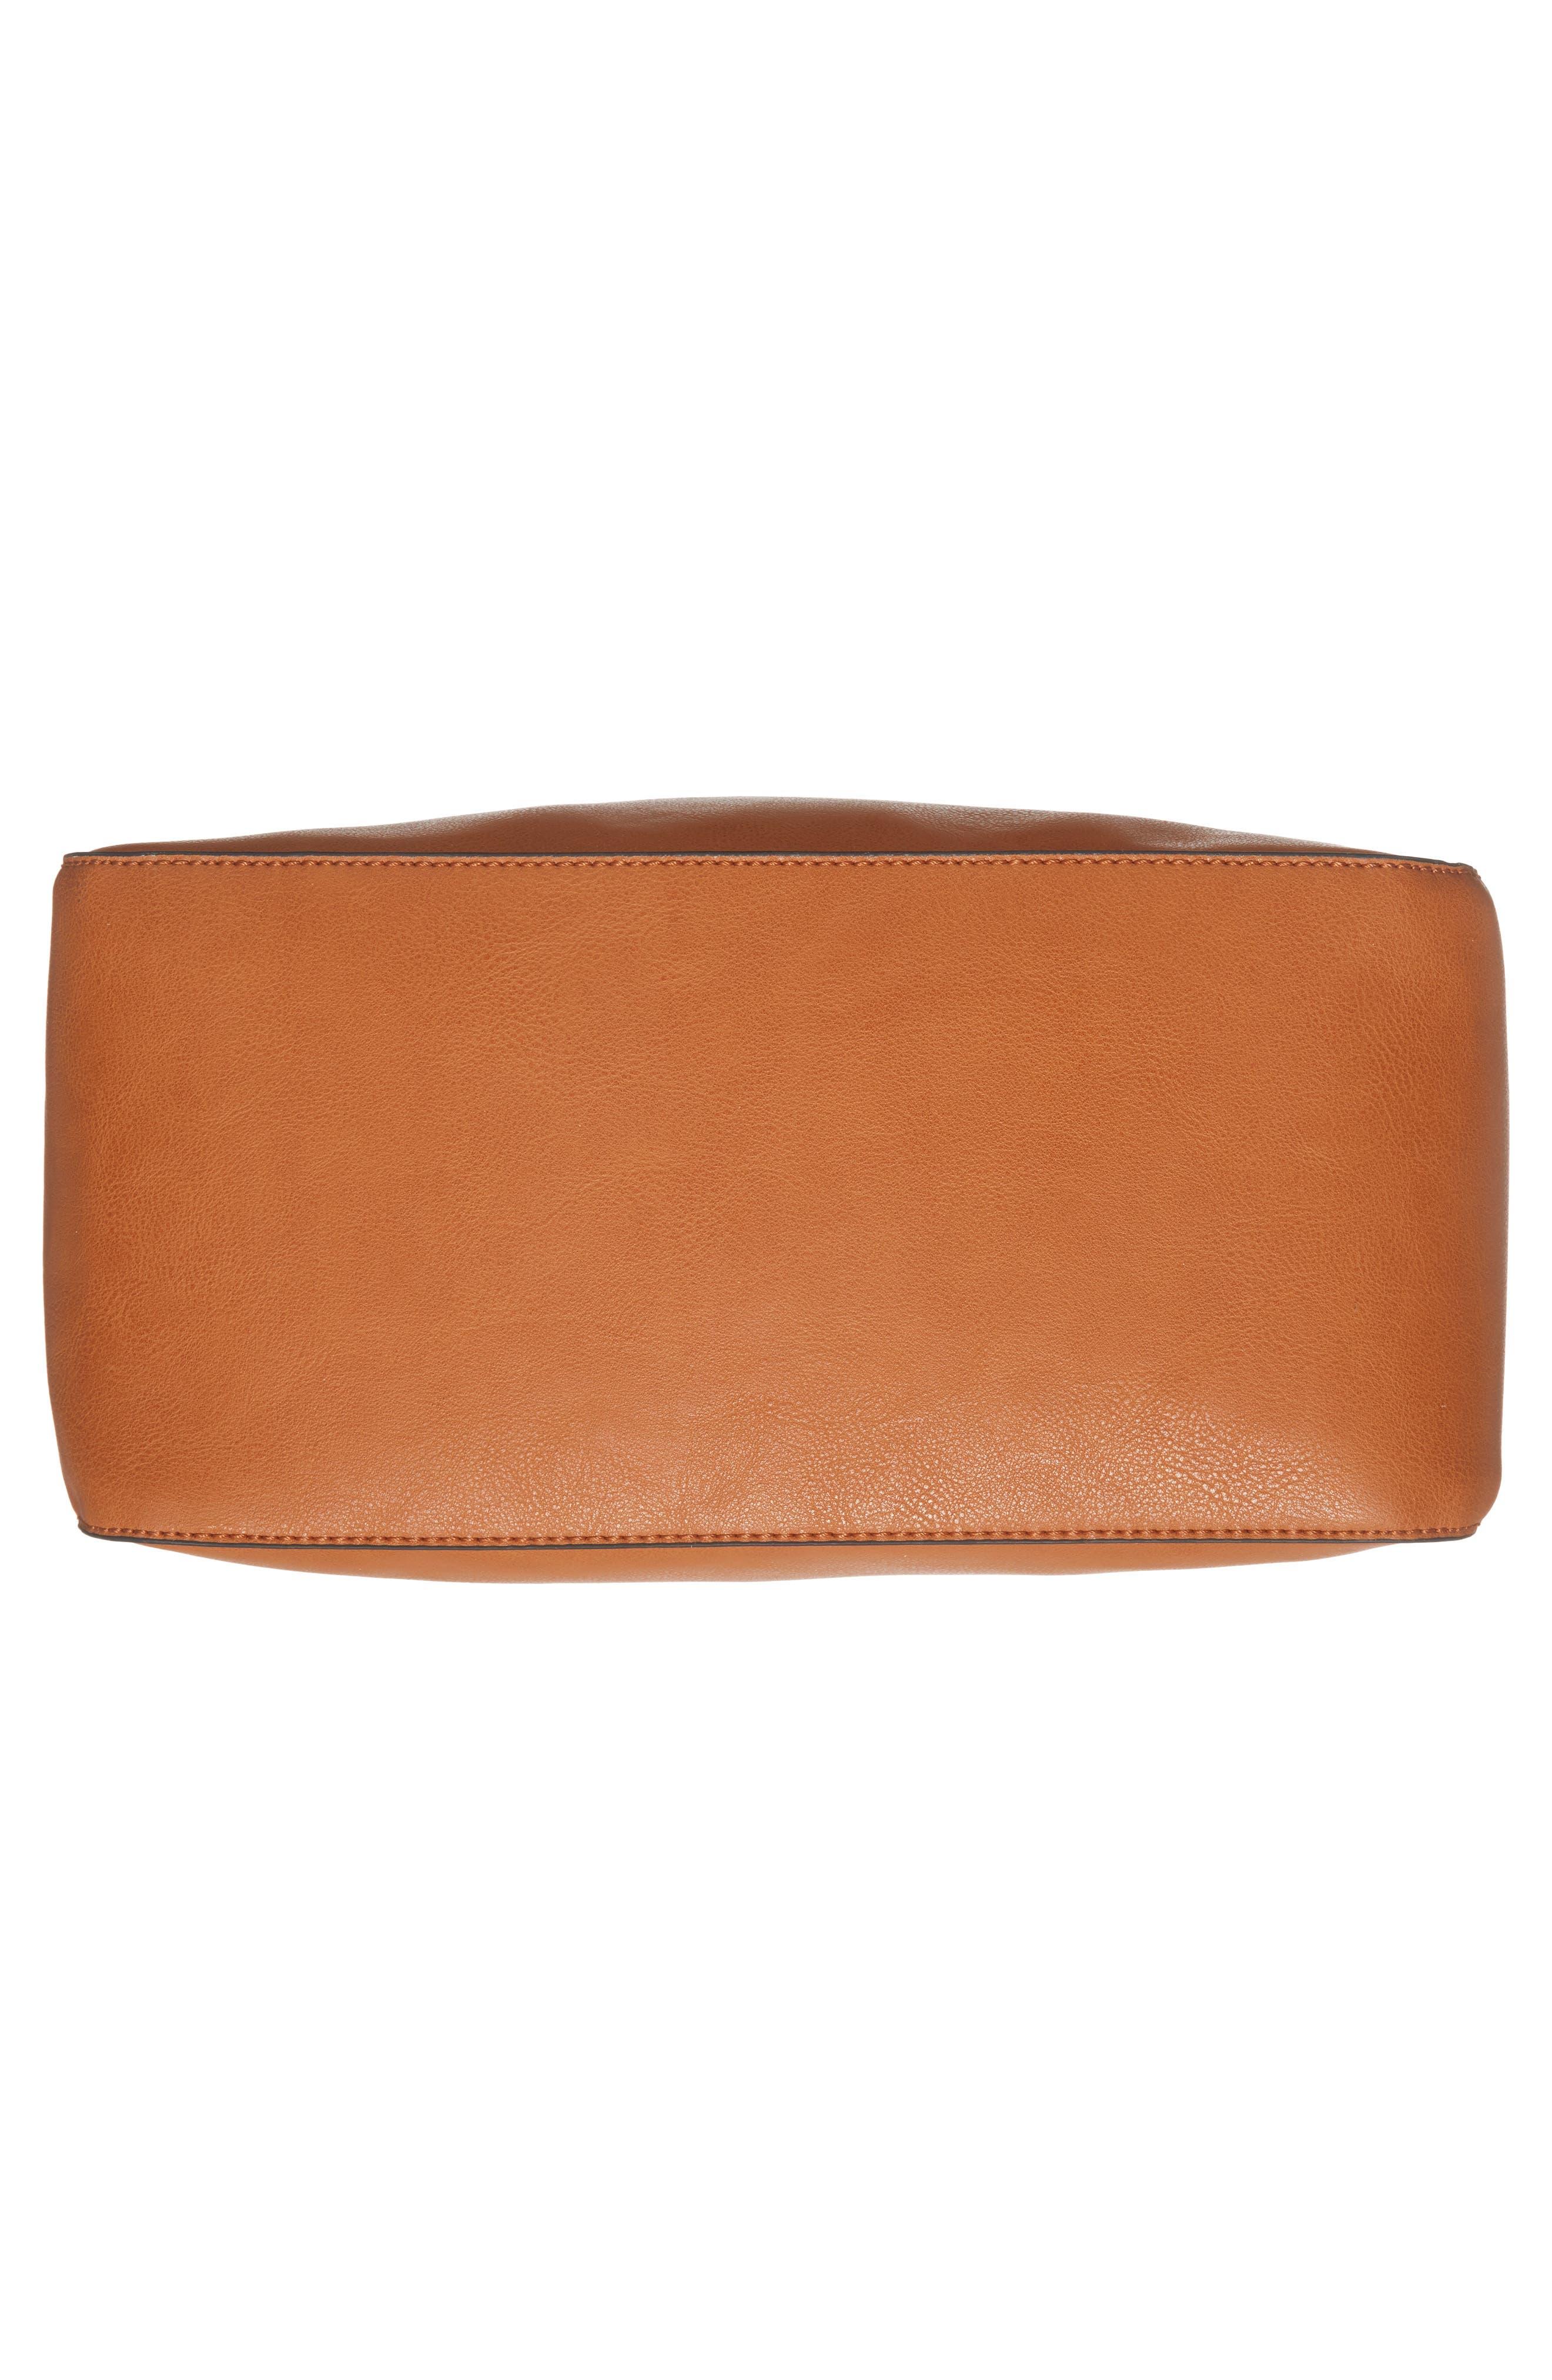 Alani Faux Leather Shoulder Bag,                             Alternate thumbnail 12, color,